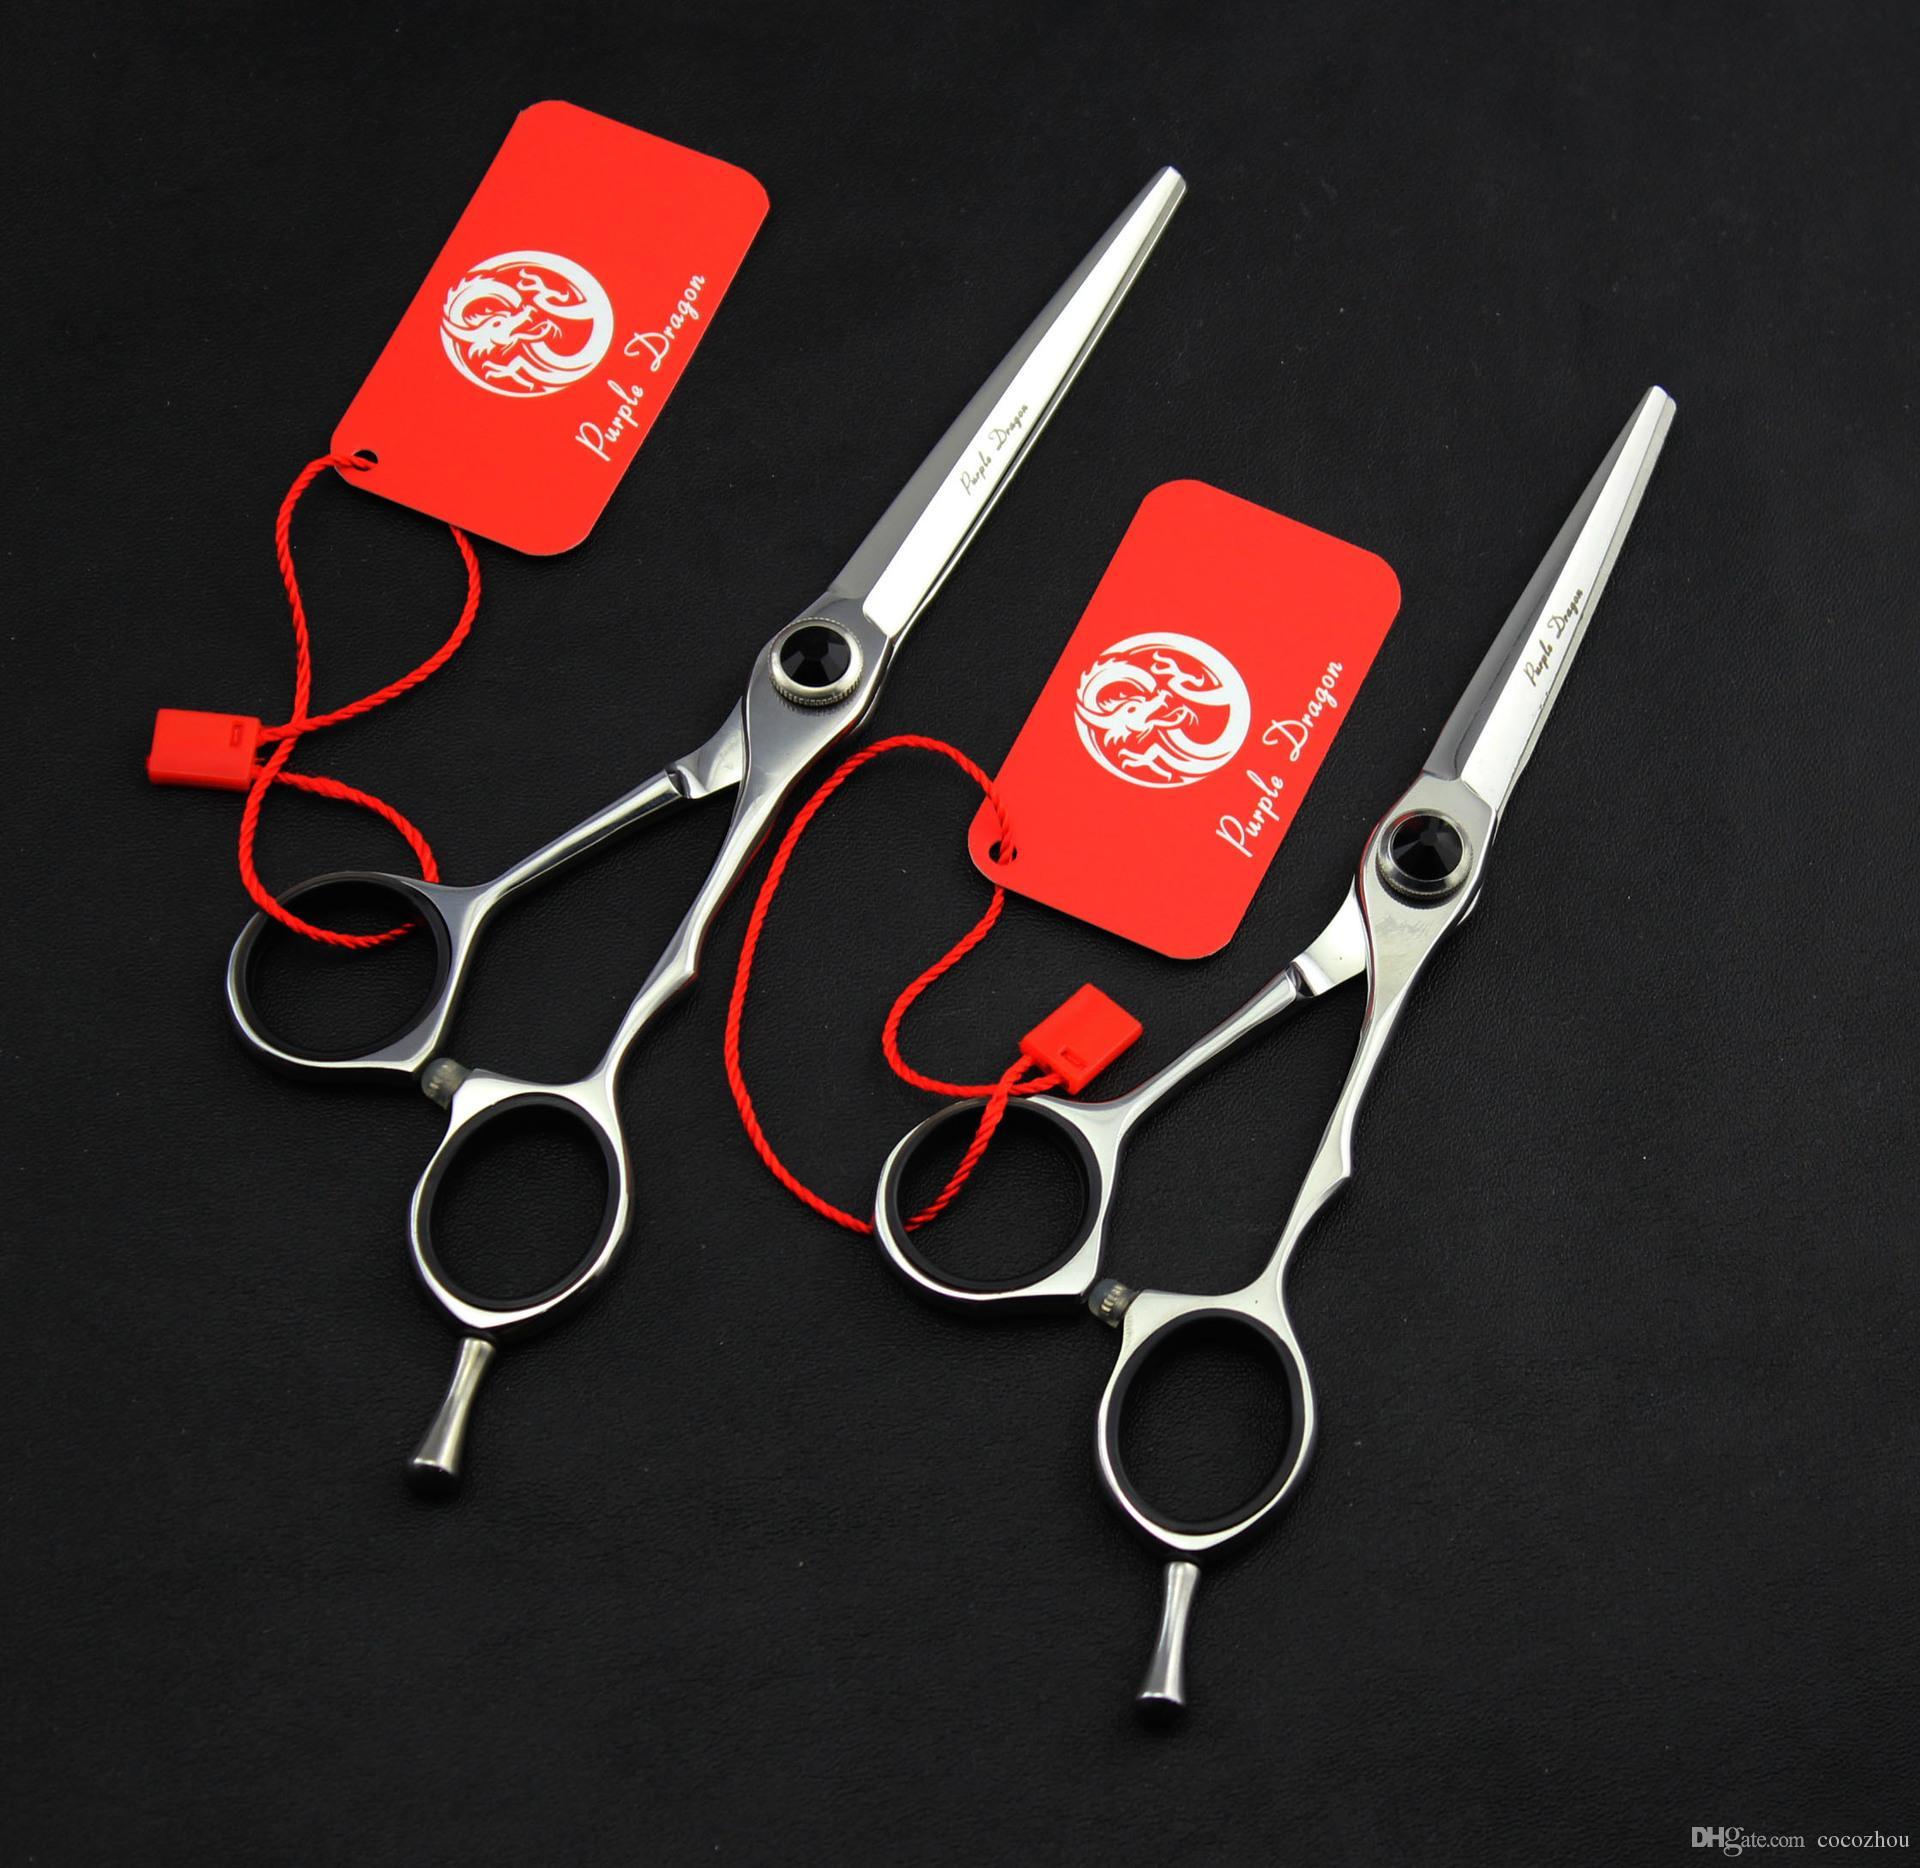 542 # 5.5 / 6 '' Marke Lila Dragon TOP GRADE Friseurscheren JP 440C 62HRC Home Salon Friseurschere Schere Haarscheren